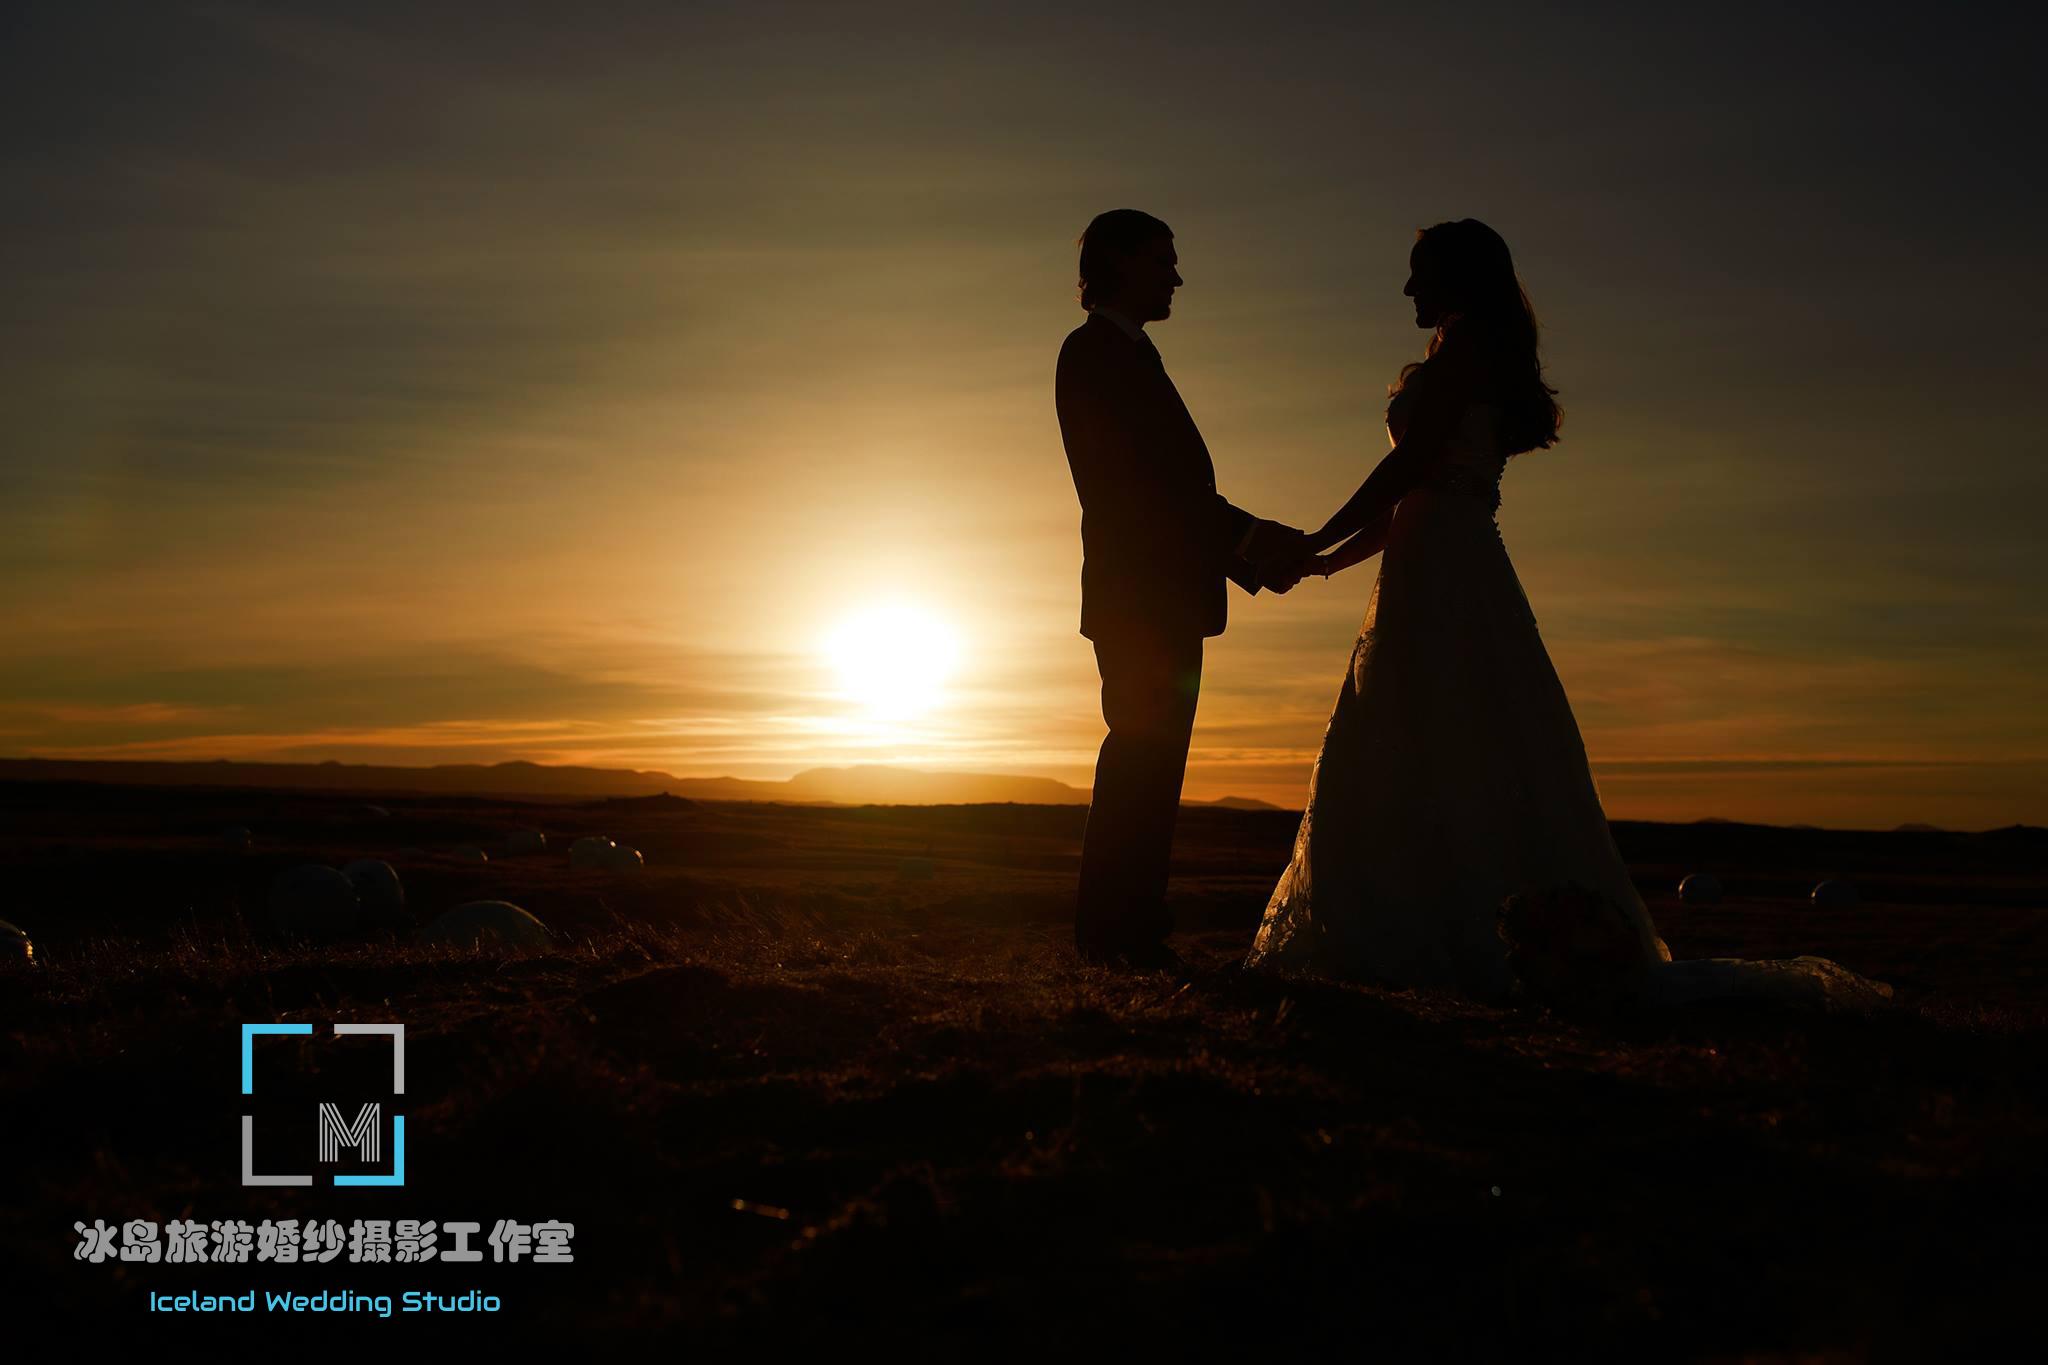 爱在日落黄昏时,冰岛求婚